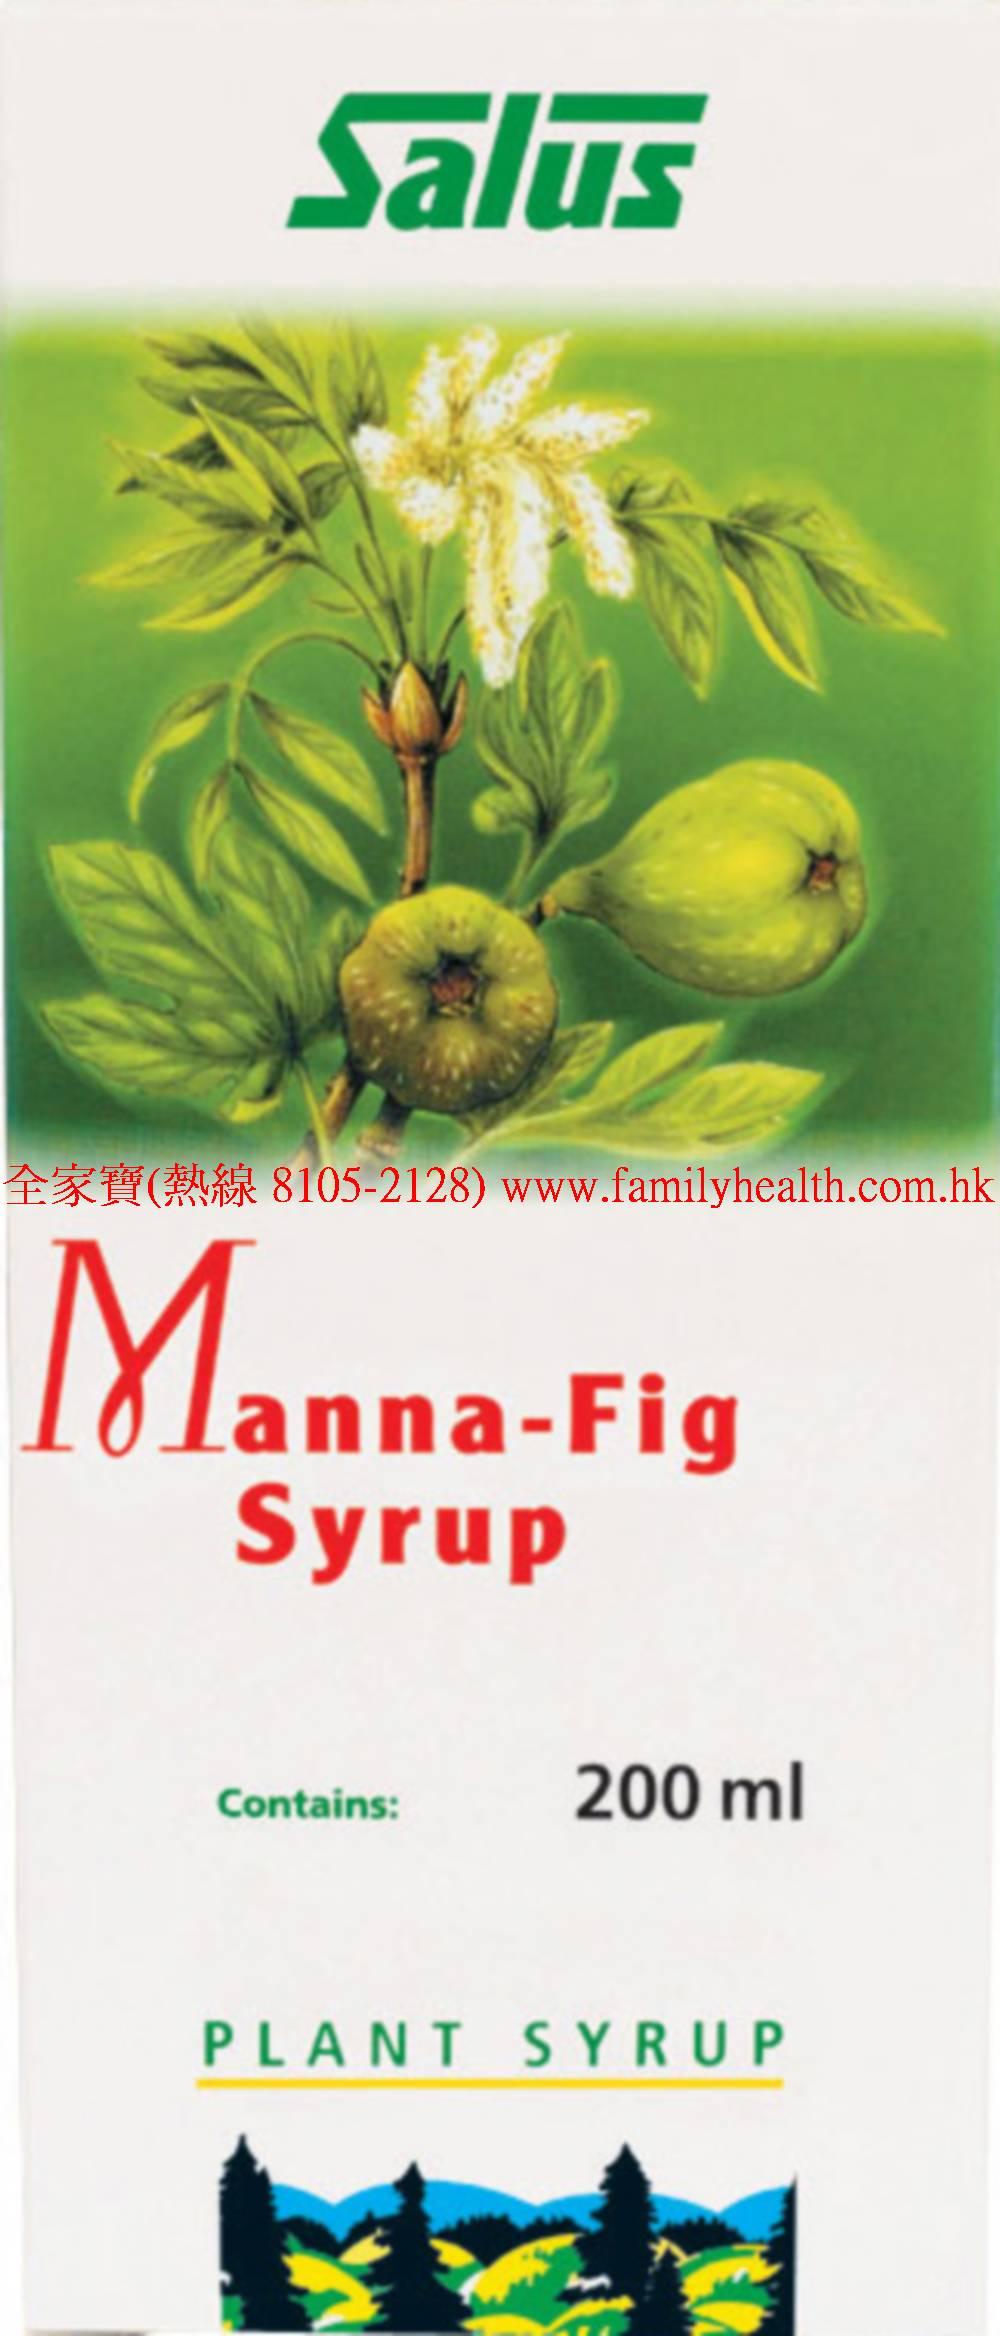 http://www.familyhealth.com.hk/files/full/203_0.jpg